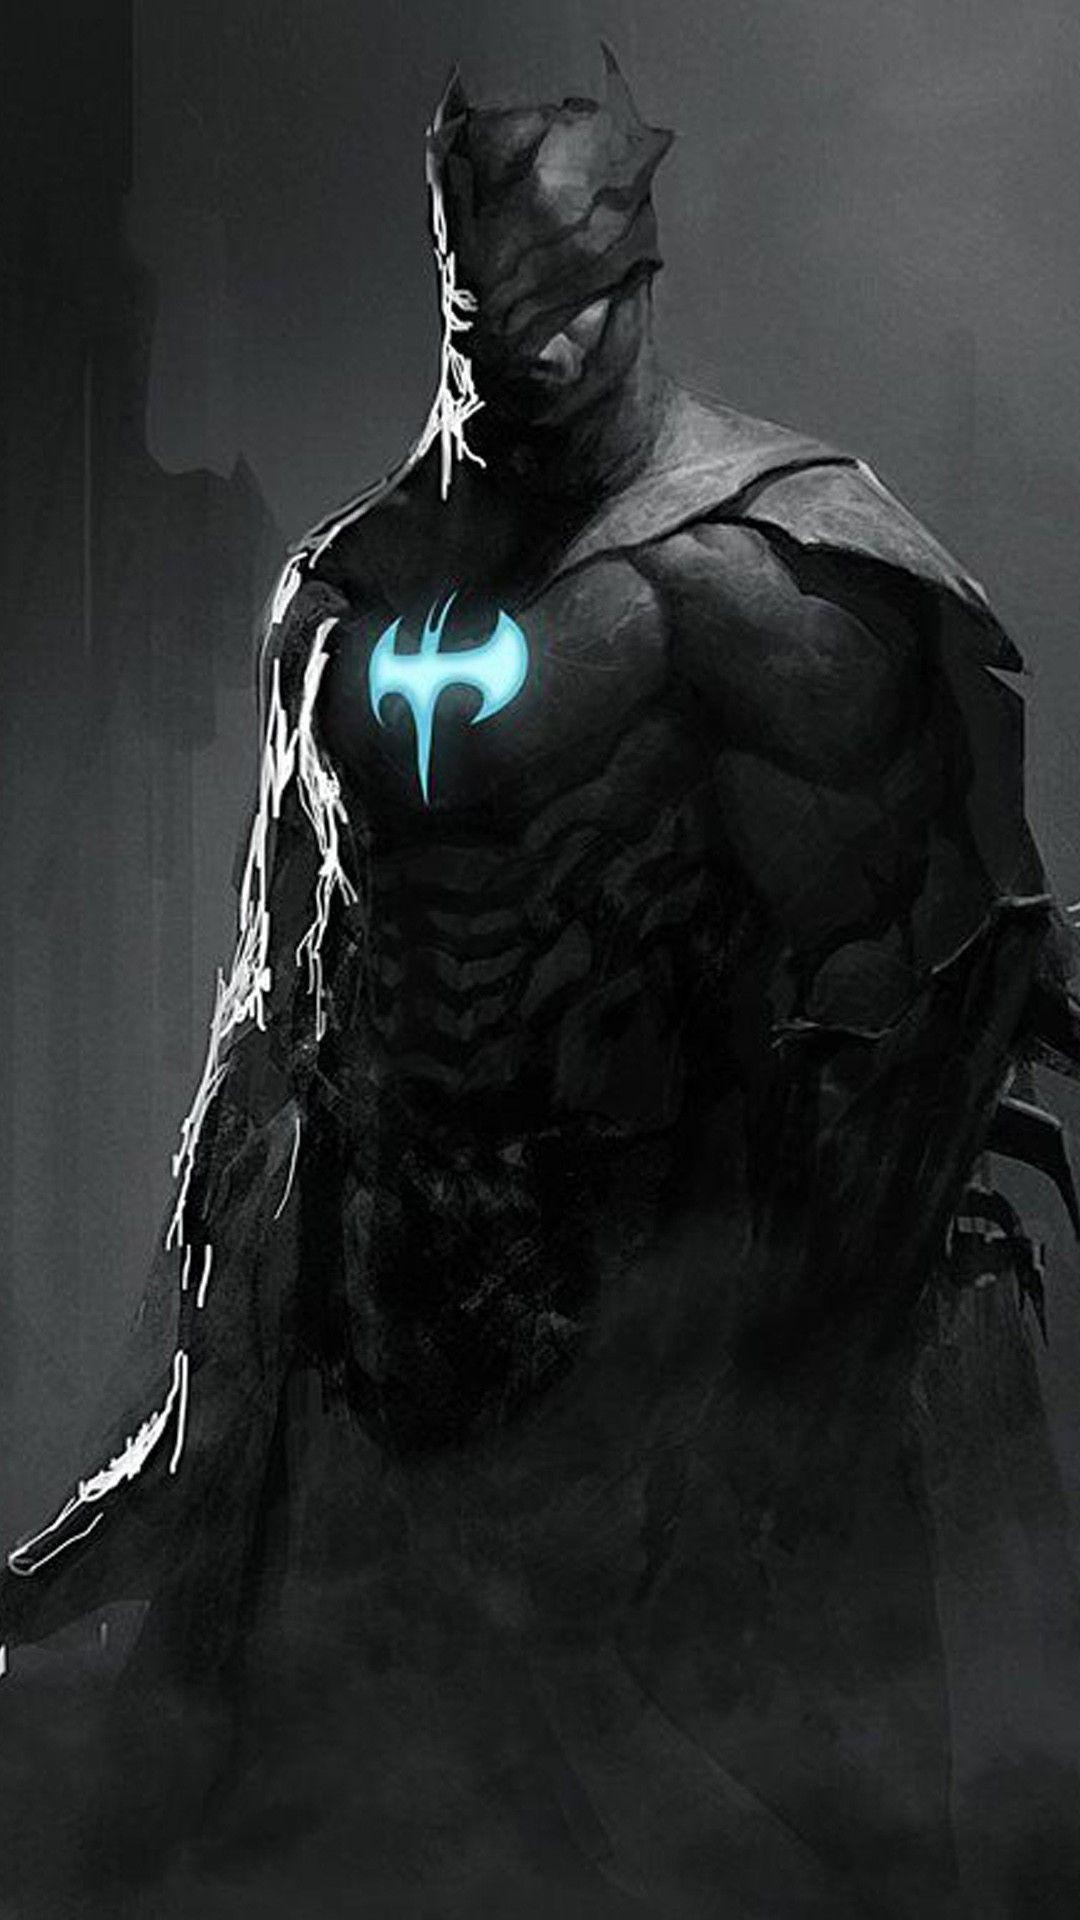 バットマン 映画のiphone壁紙 Iphone Xの壁紙がダウンロード